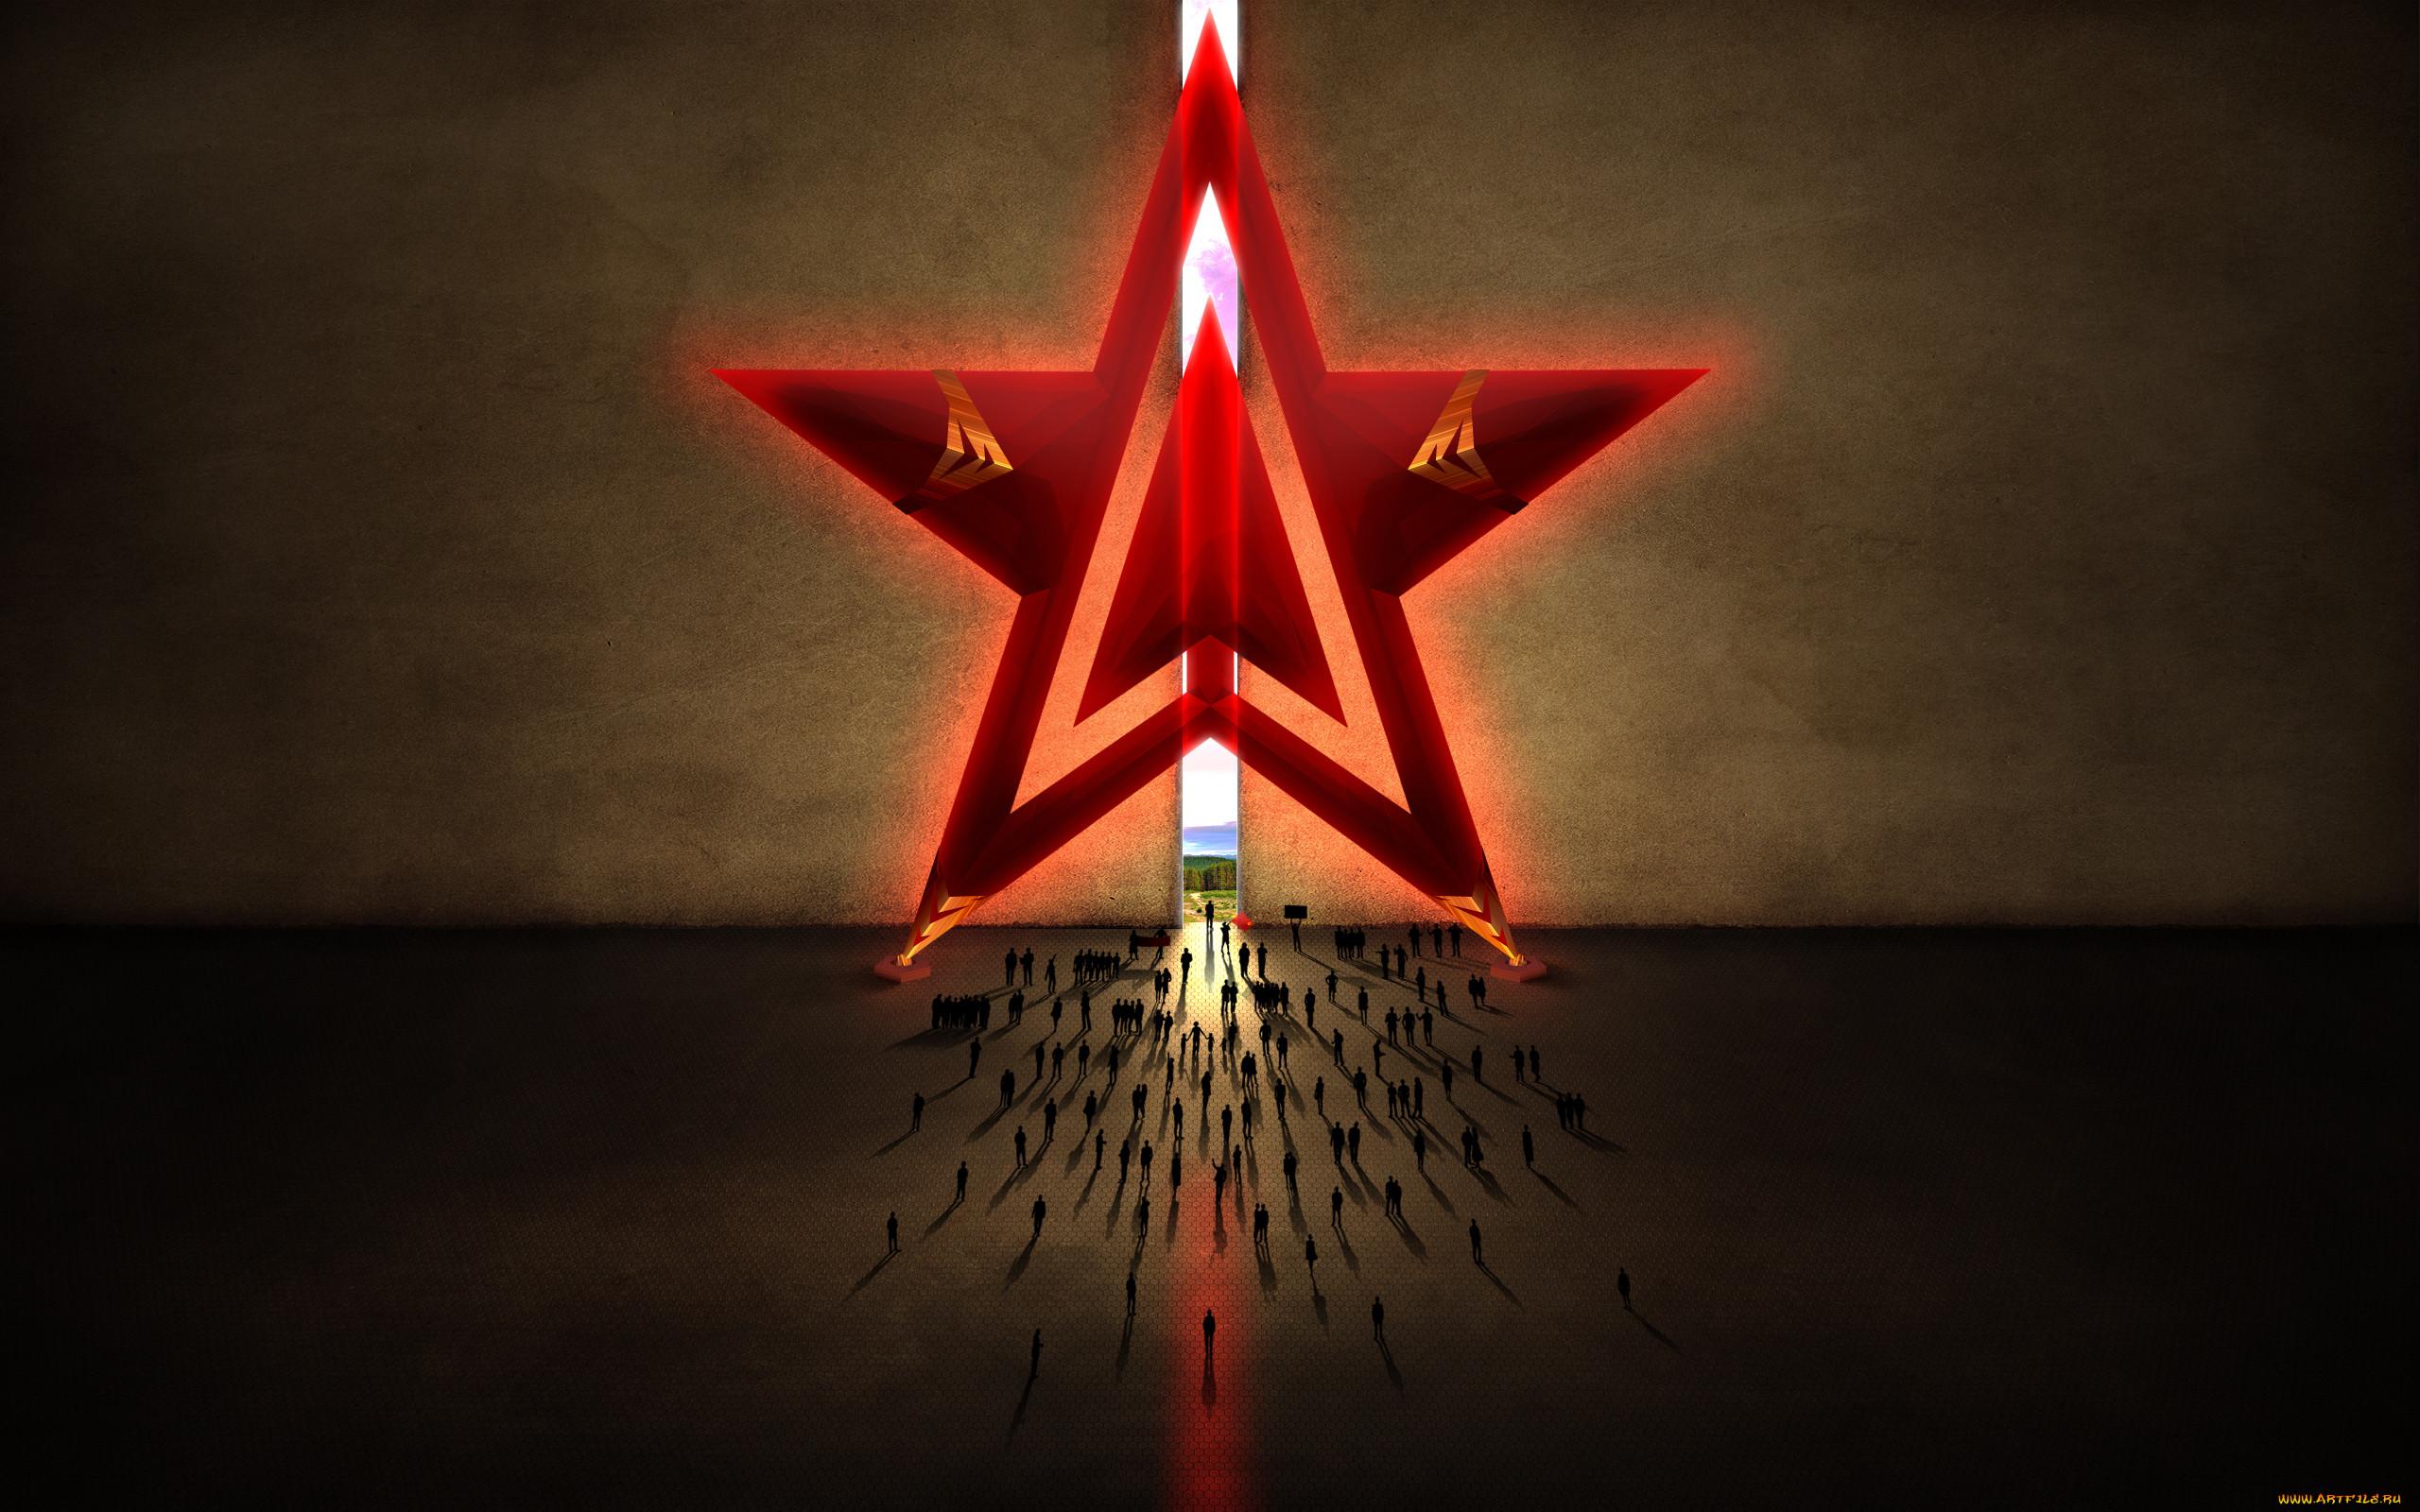 еще красная звезда крутые картинки этого великого